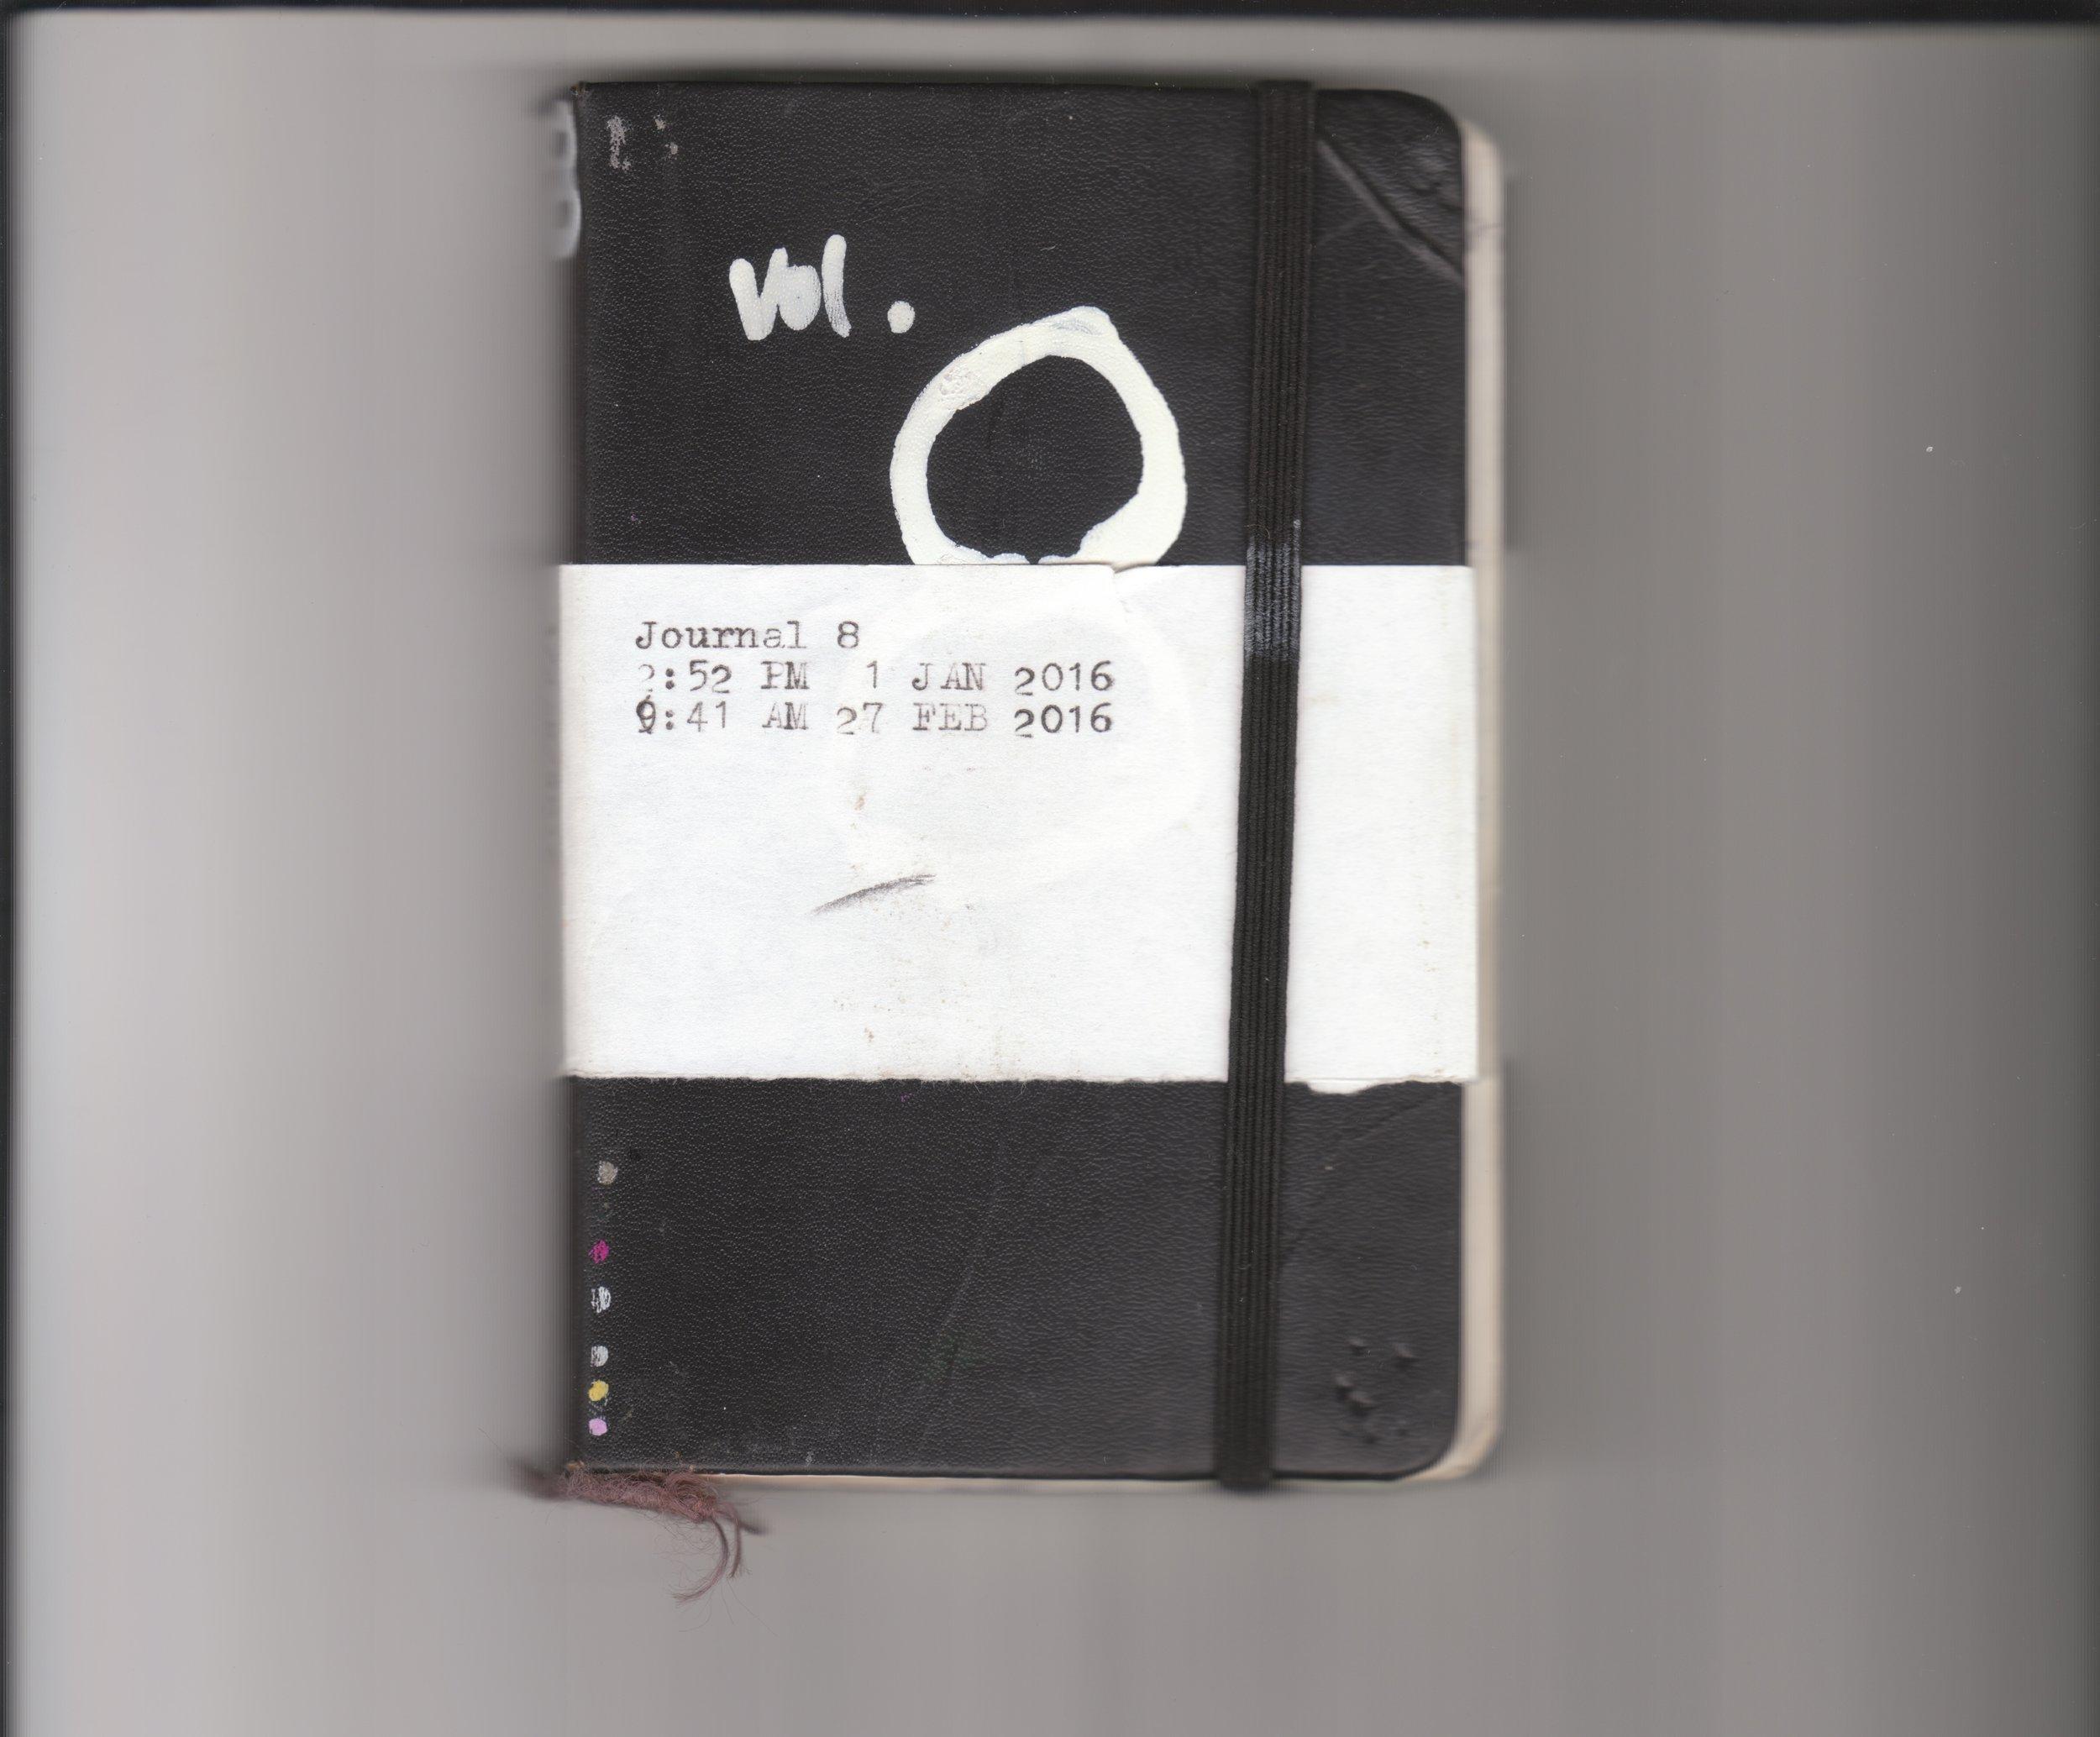 Journal 8